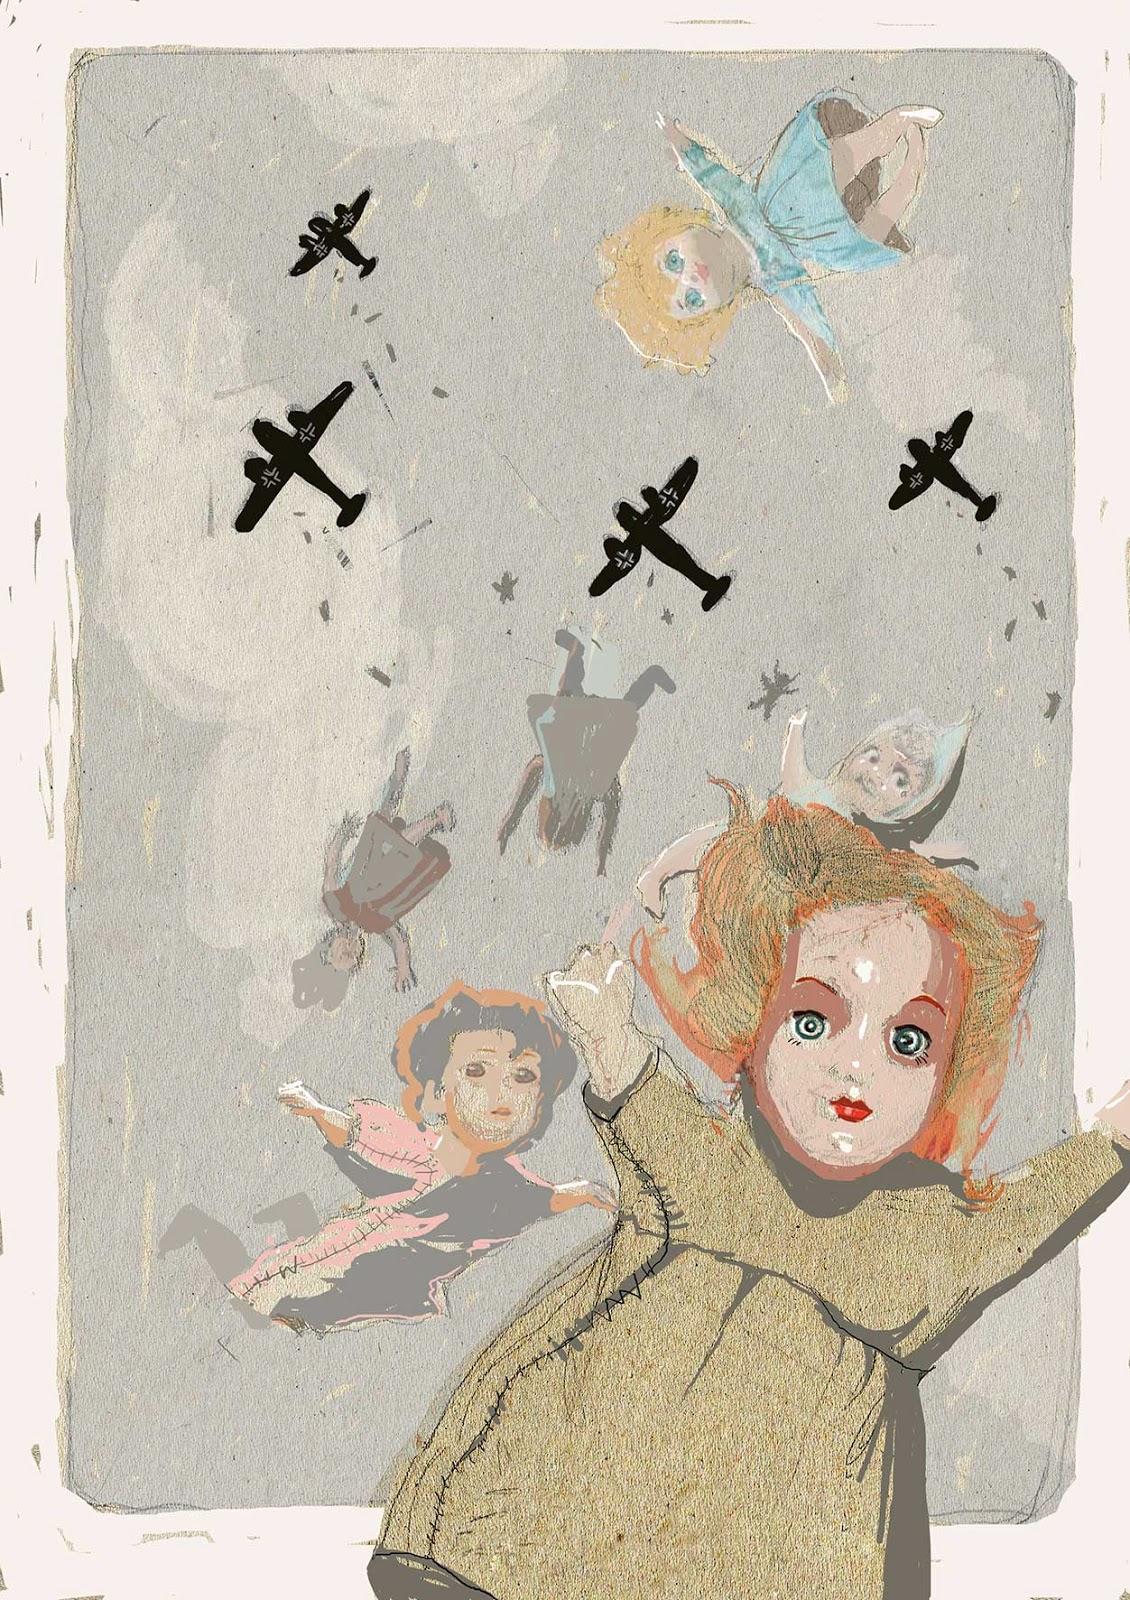 bombowe lalki opowieści praga gada 2013 Urbaniak komiks dzieci retrobombowe lalki opowieści praga gada 2013 Urbaniak komiks dzieci retro